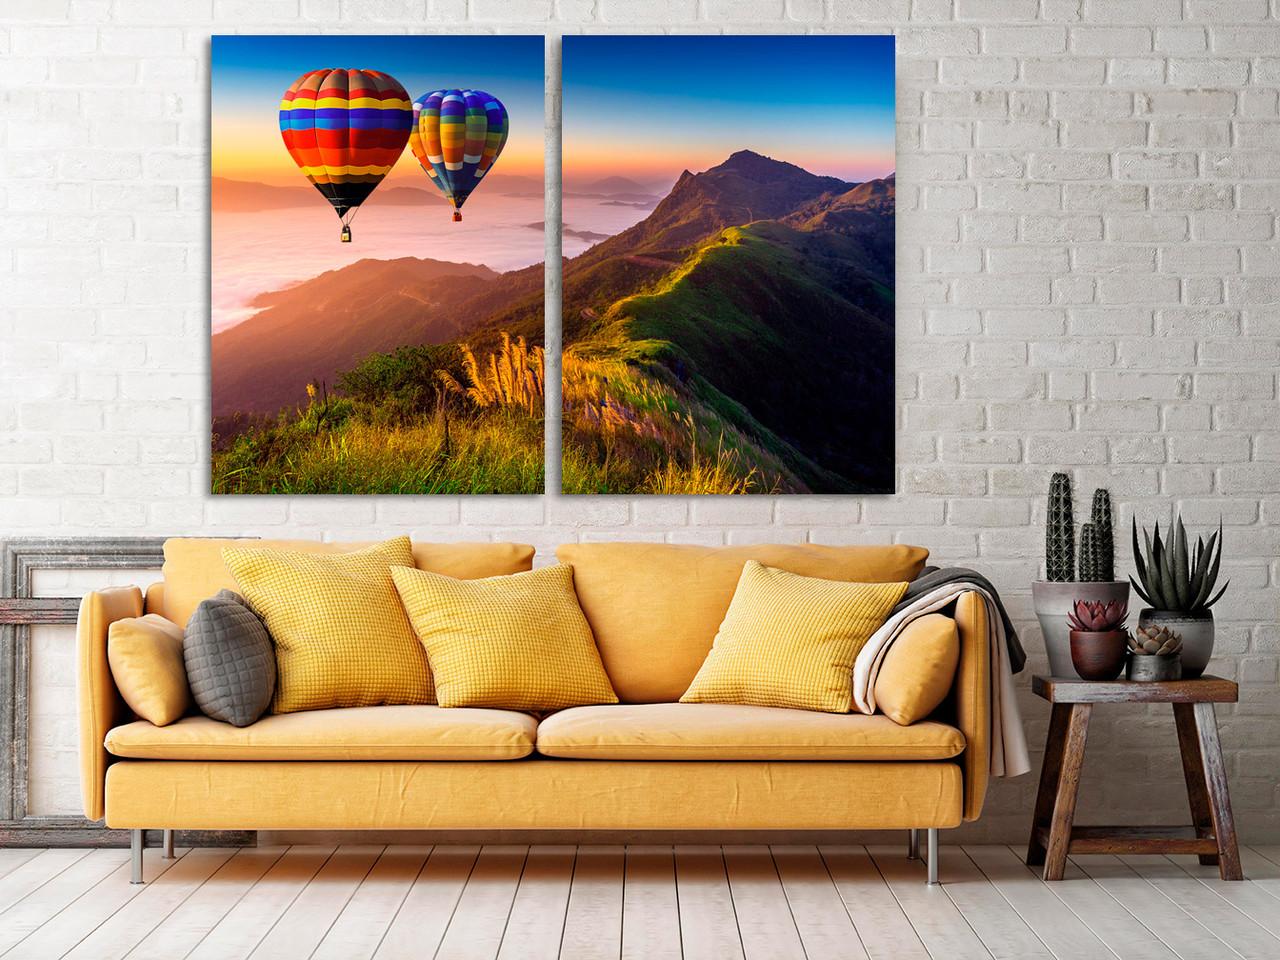 Модульная картина на холсте, картина в зал, детскую, спальню, прихожую, гостиную